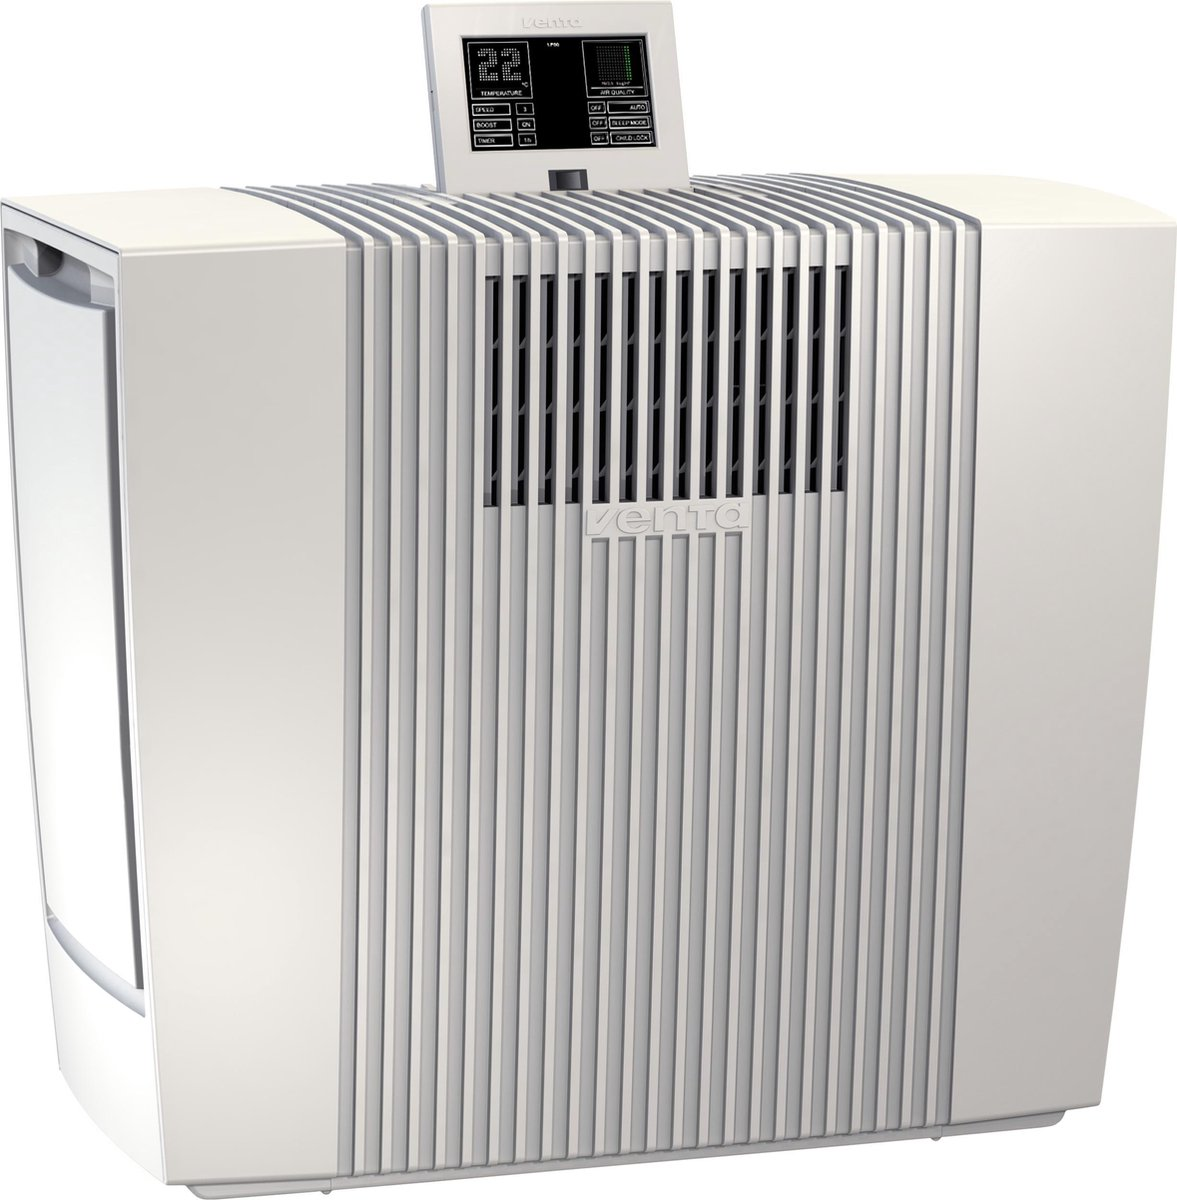 Venta LP60 luchtreiniger 75m² met Venta Neliorfilter 0,07u, Wit.